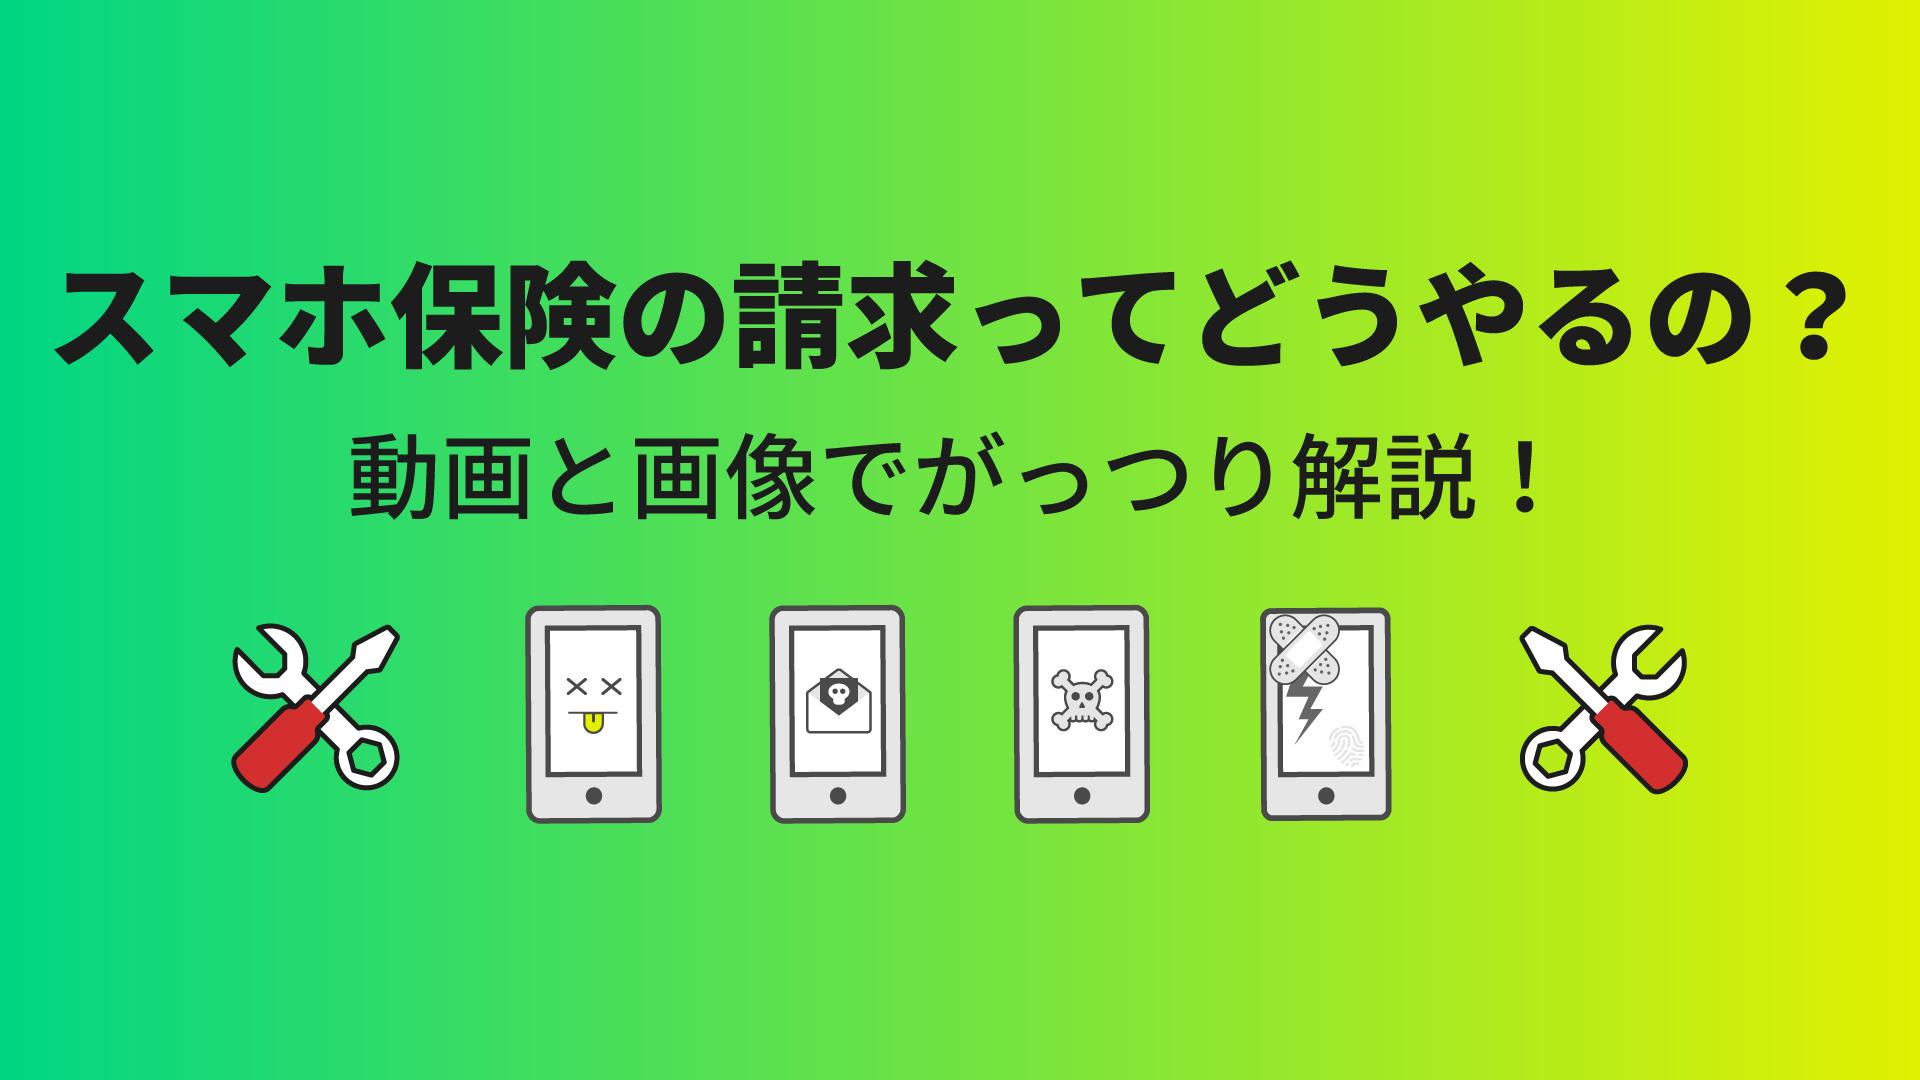 【請求もアプリで完結】スマホ保険の請求方法を【動画で】紹介